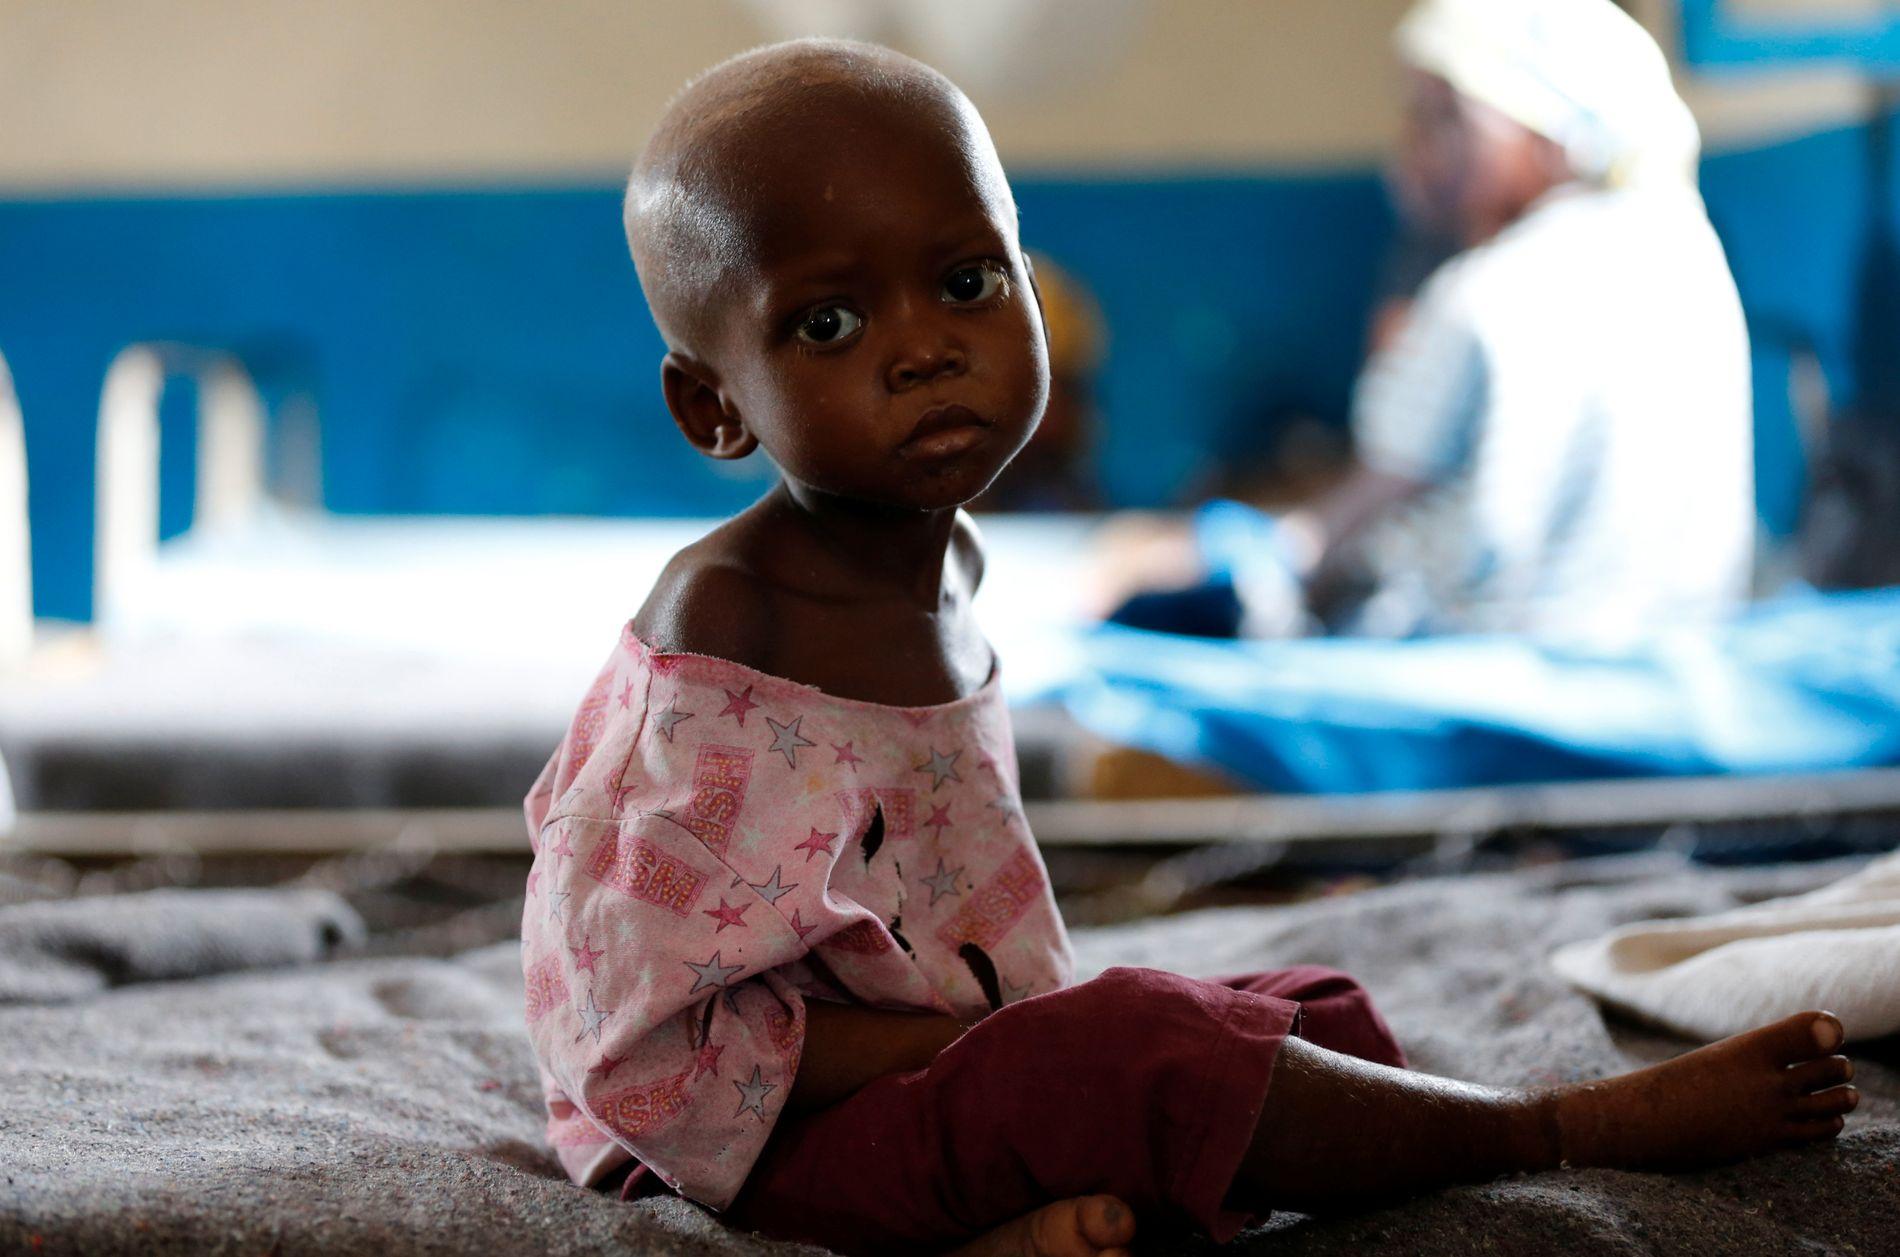 BARN LIDER: Ntumbabu Kalubi (4) lider av akutt underernæring. Her venter hun på å få legehjelp på sykehuset i Mwene Ditu i Kongo i mars i år.